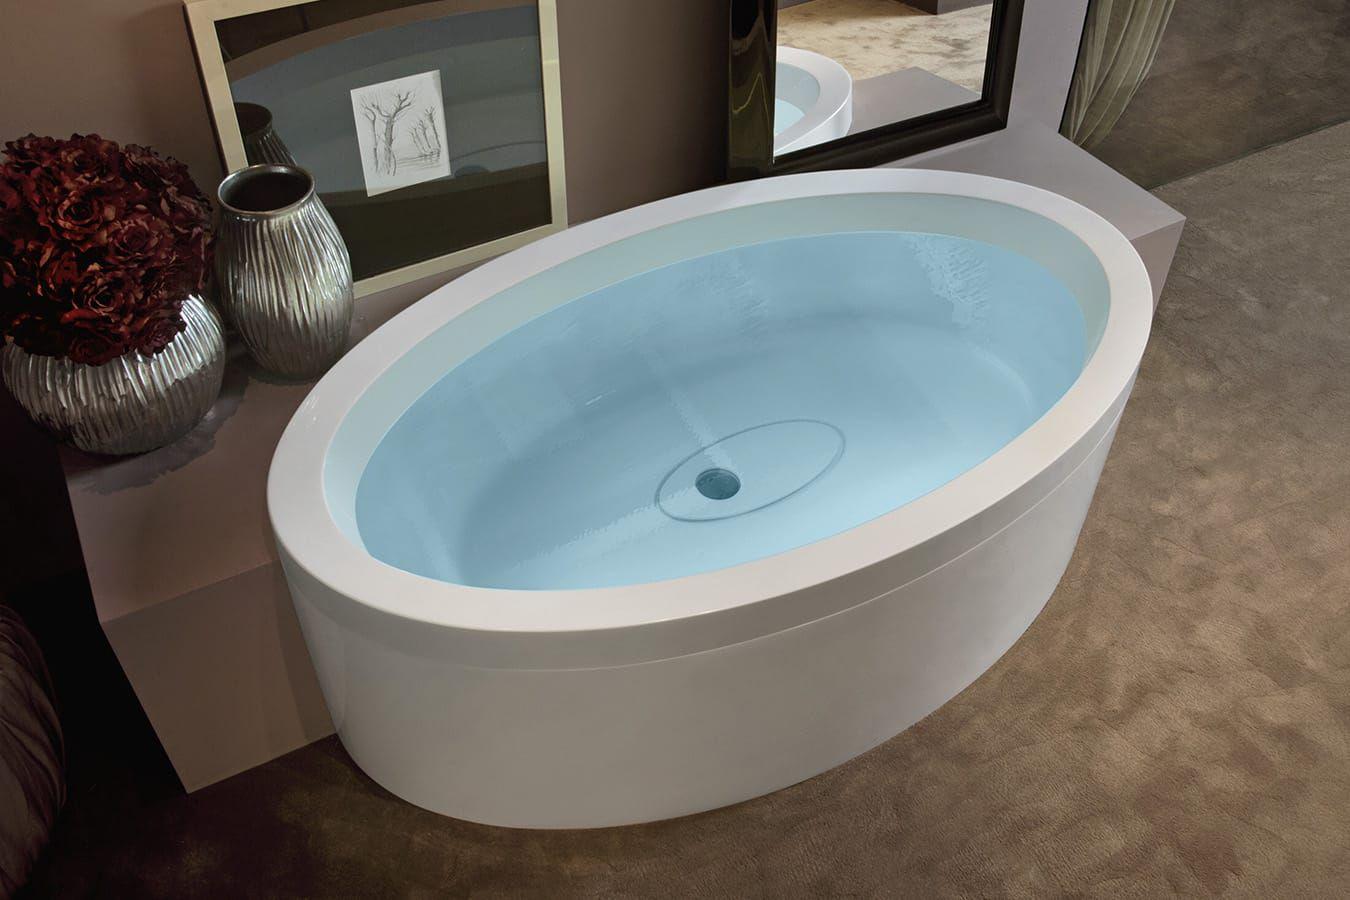 Vasca Da Bagno A Scomparsa : Vasca da bagno ovale in acrilico idromassaggio di marc